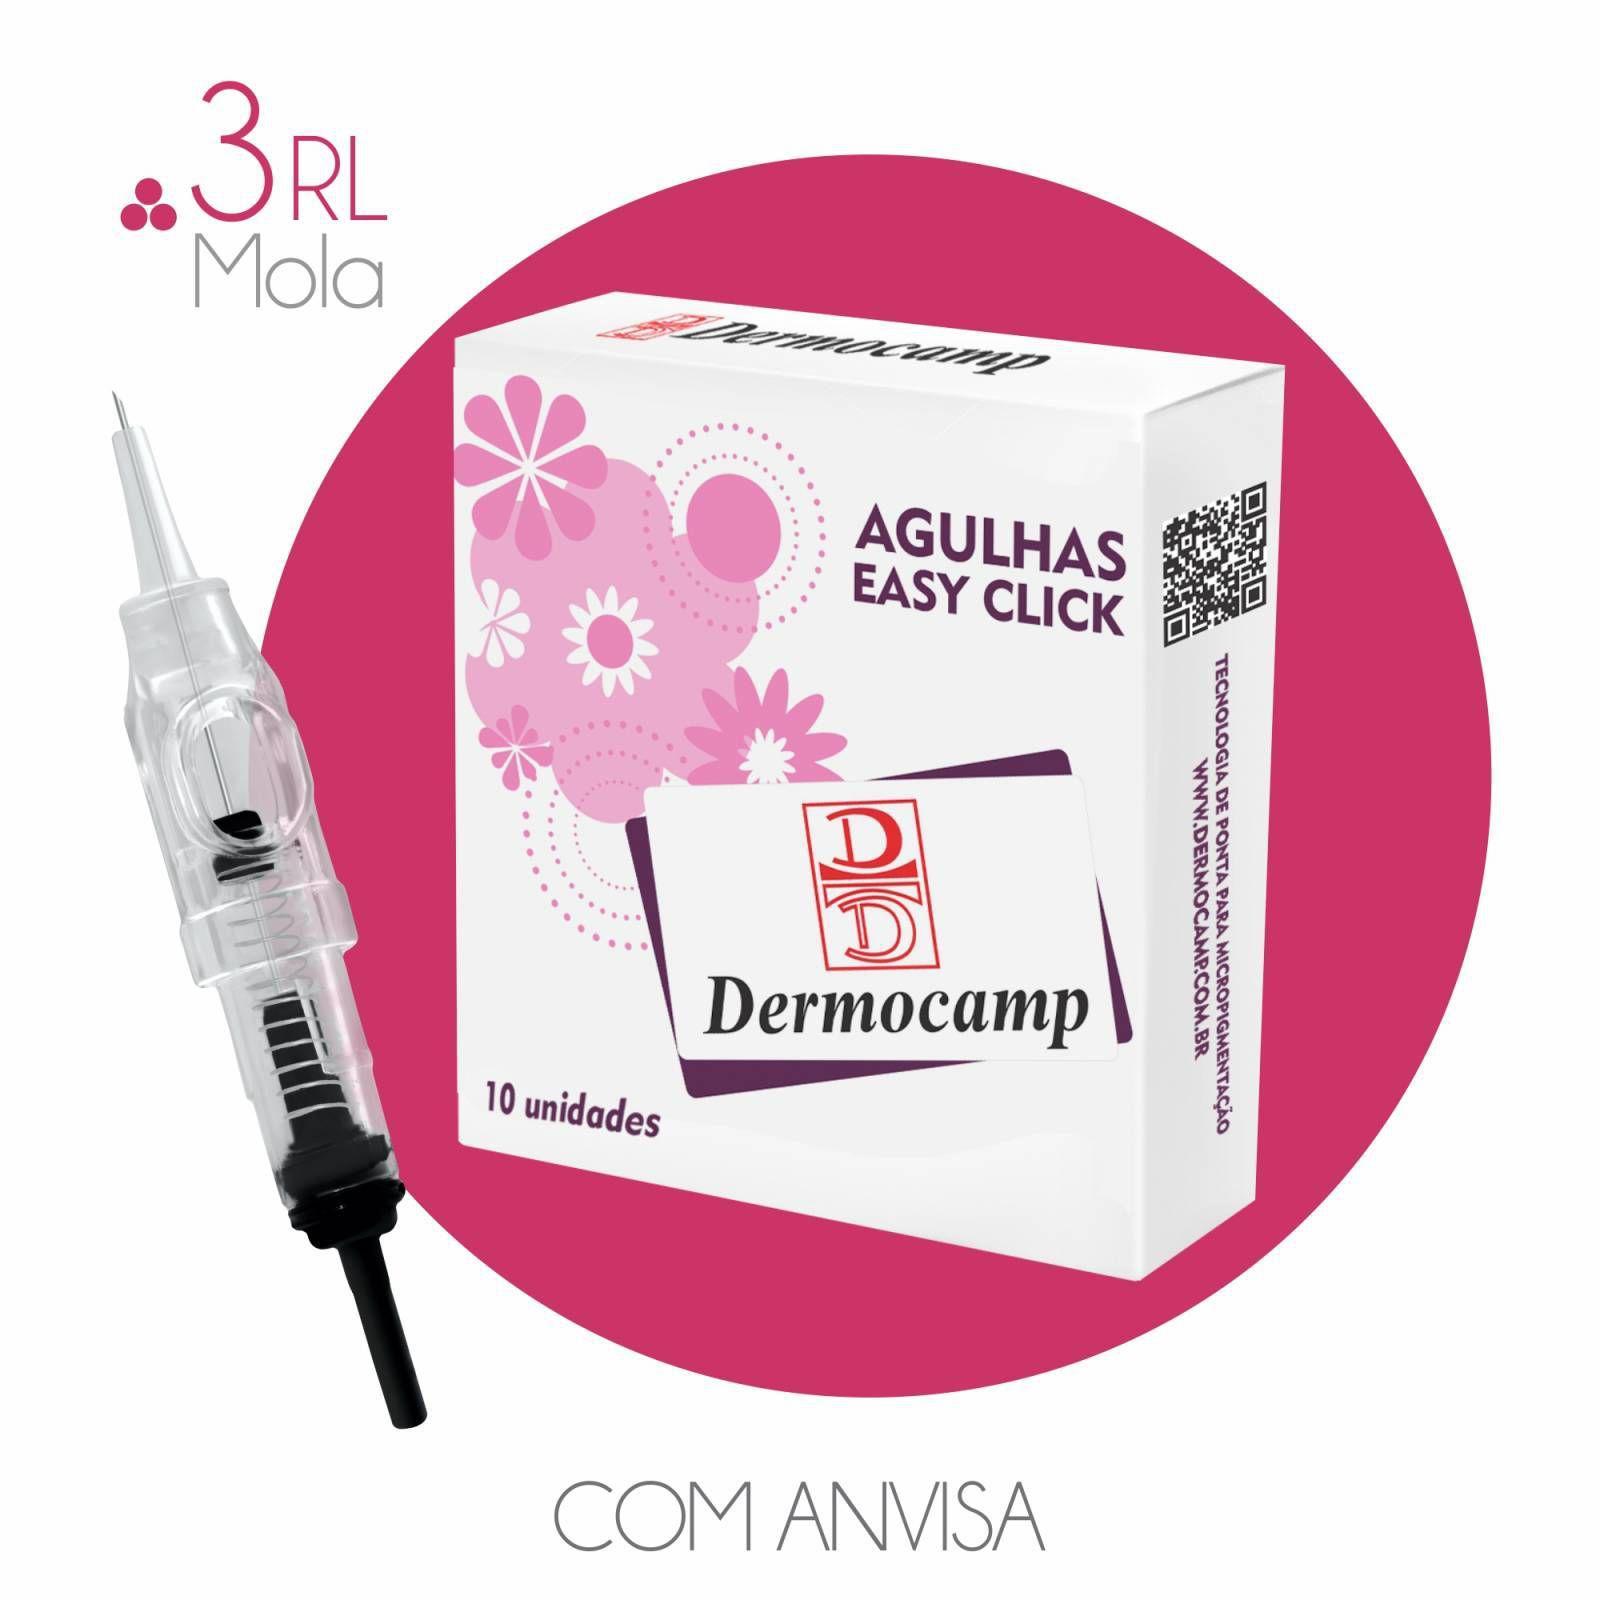 AGULHA EASY CLICK DERMOCAMP - 3 PONTAS CIRCULAR COM MOLA  (REGISTRADO NA ANVISA)  - Misstética